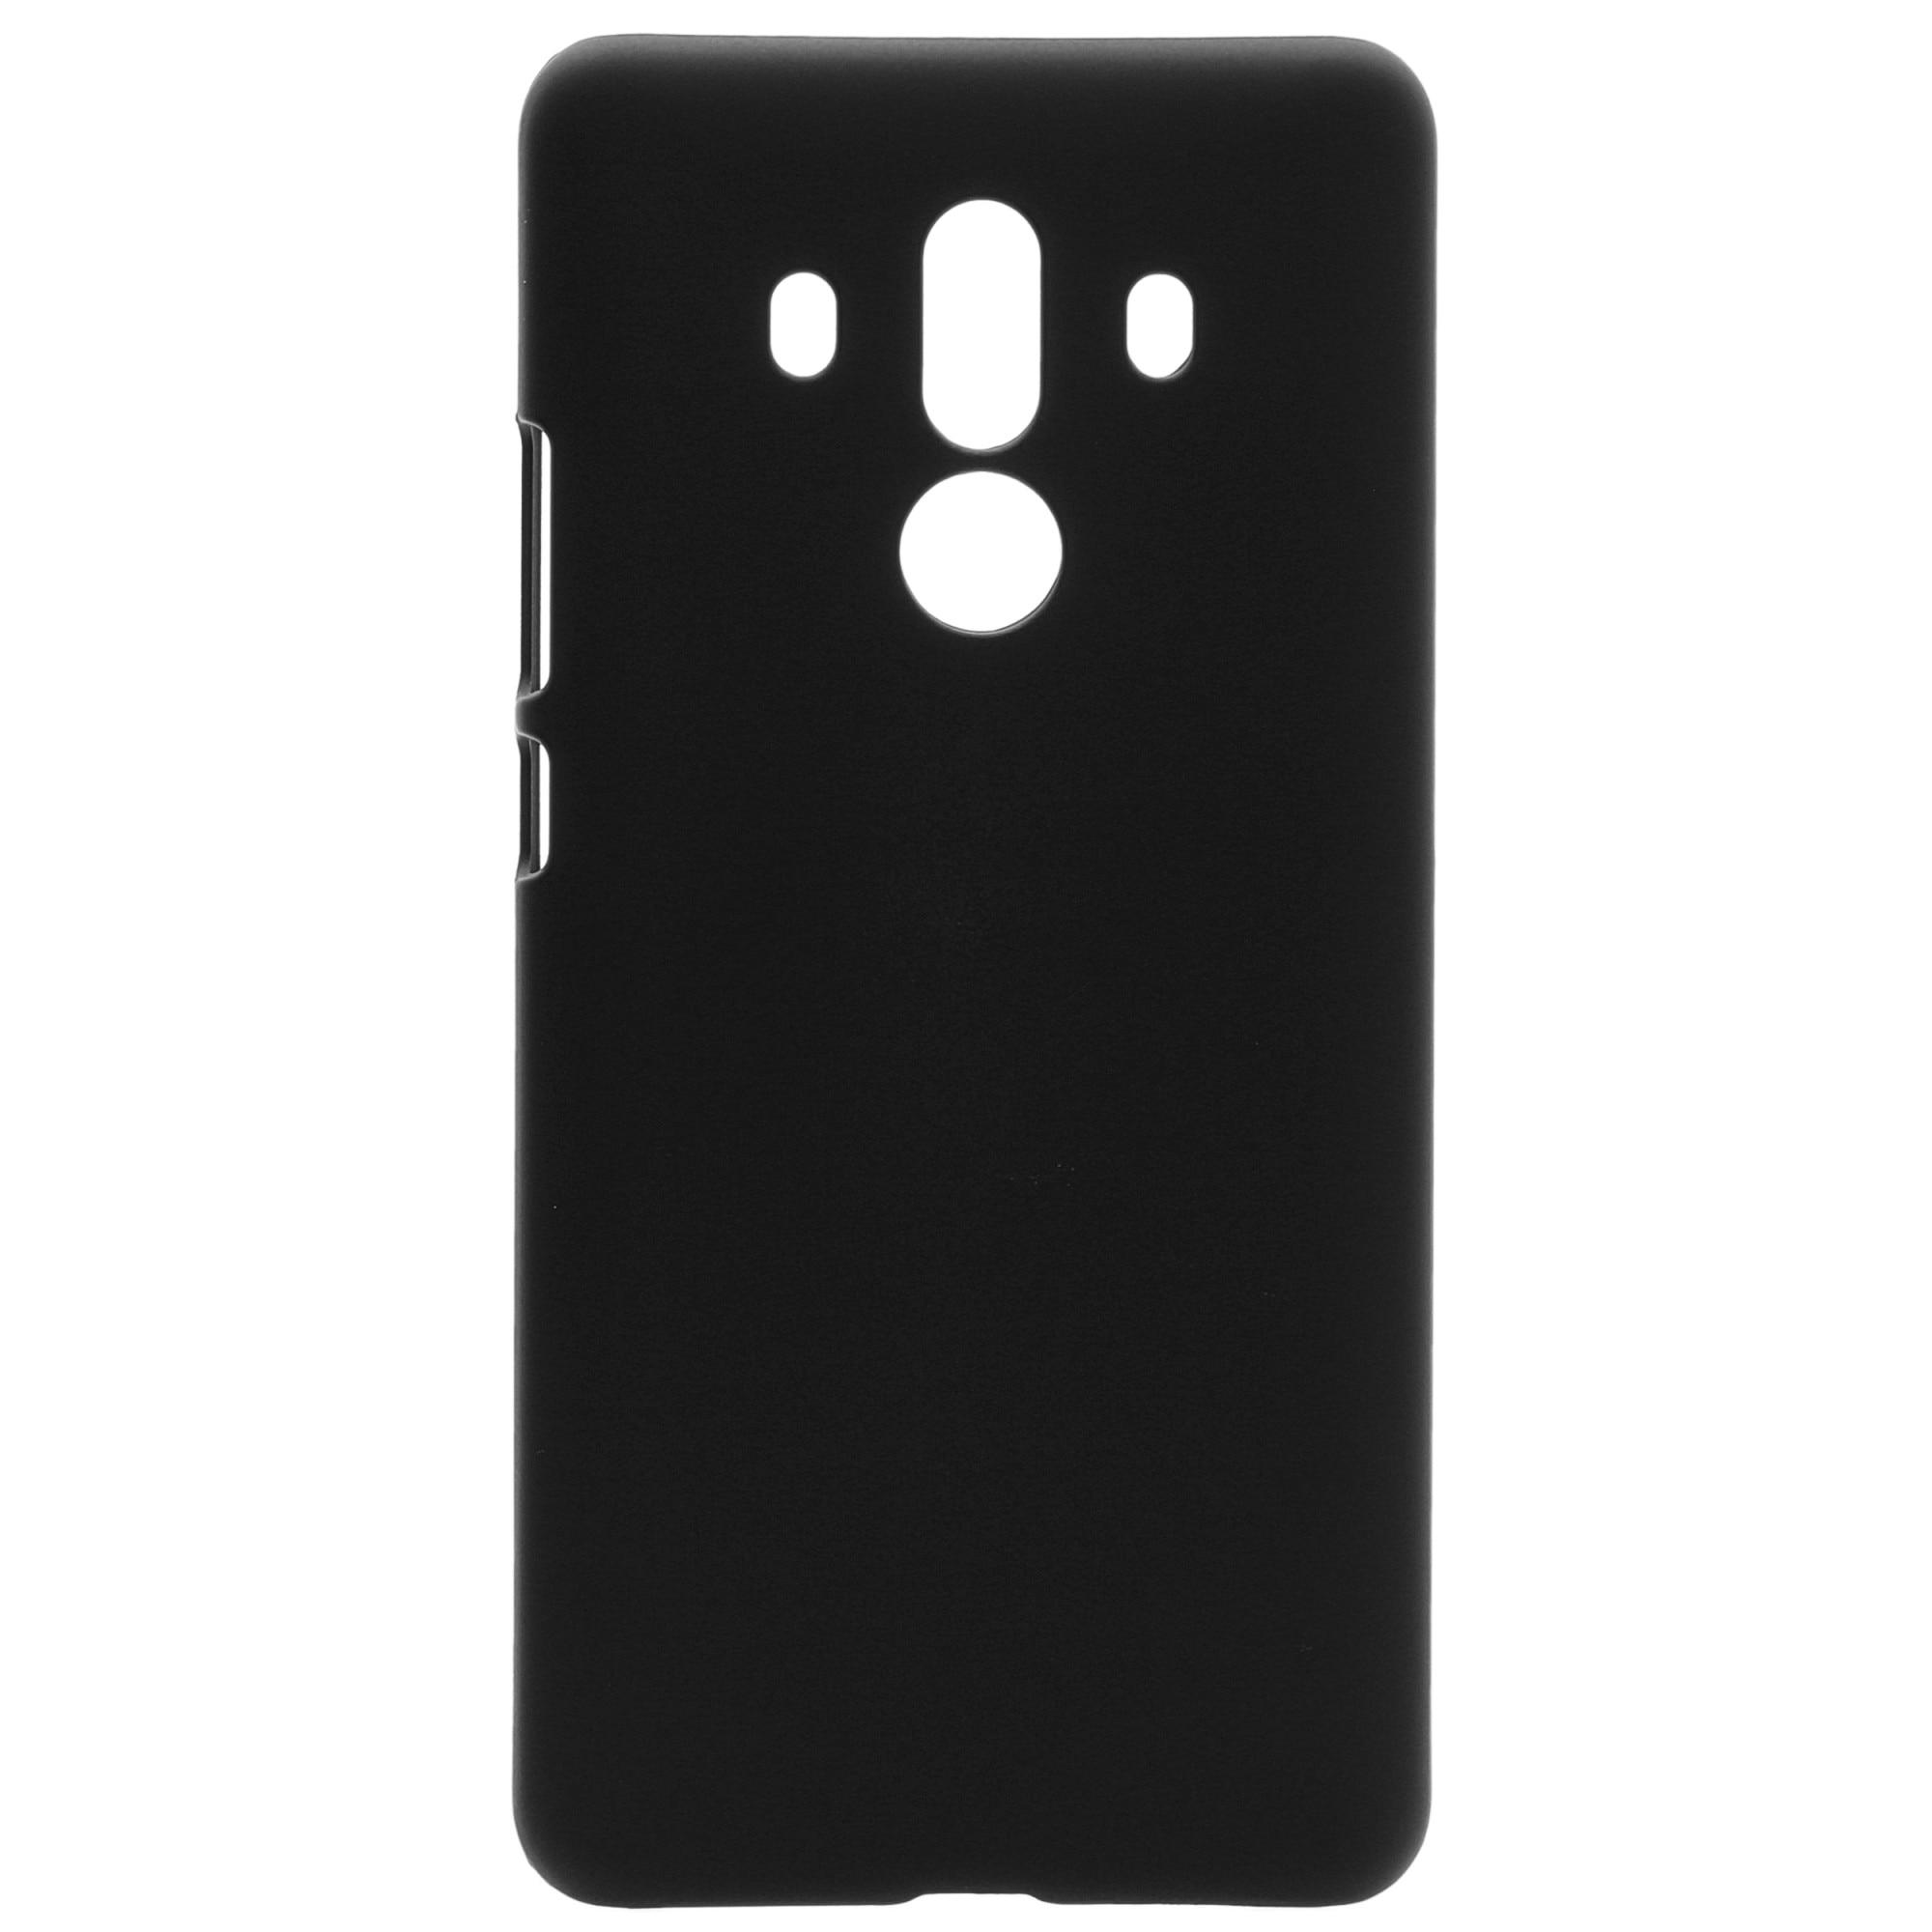 Fotografie Husa de protectie A+ Case Rubber pentru Huawei Mate 10 Pro